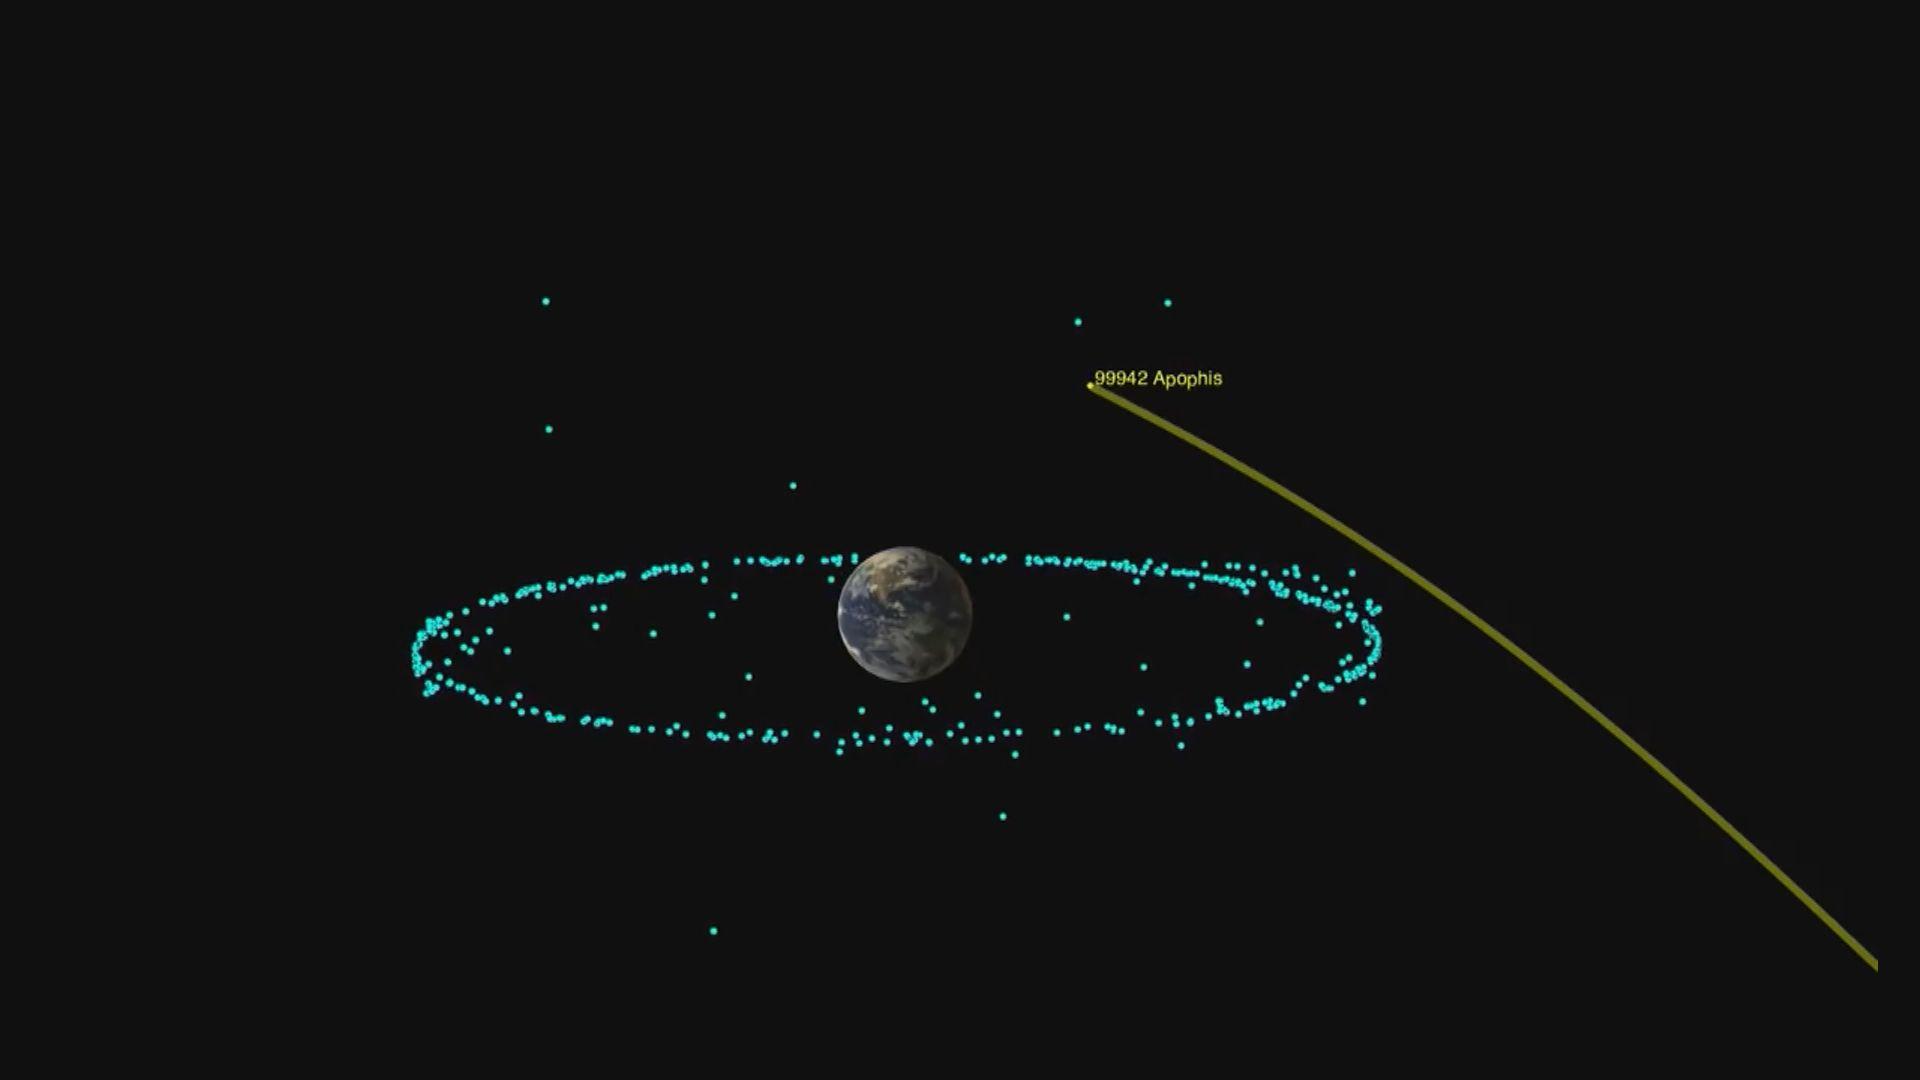 【環球薈報】阿波菲斯小行星未來百年料不會撞擊地球